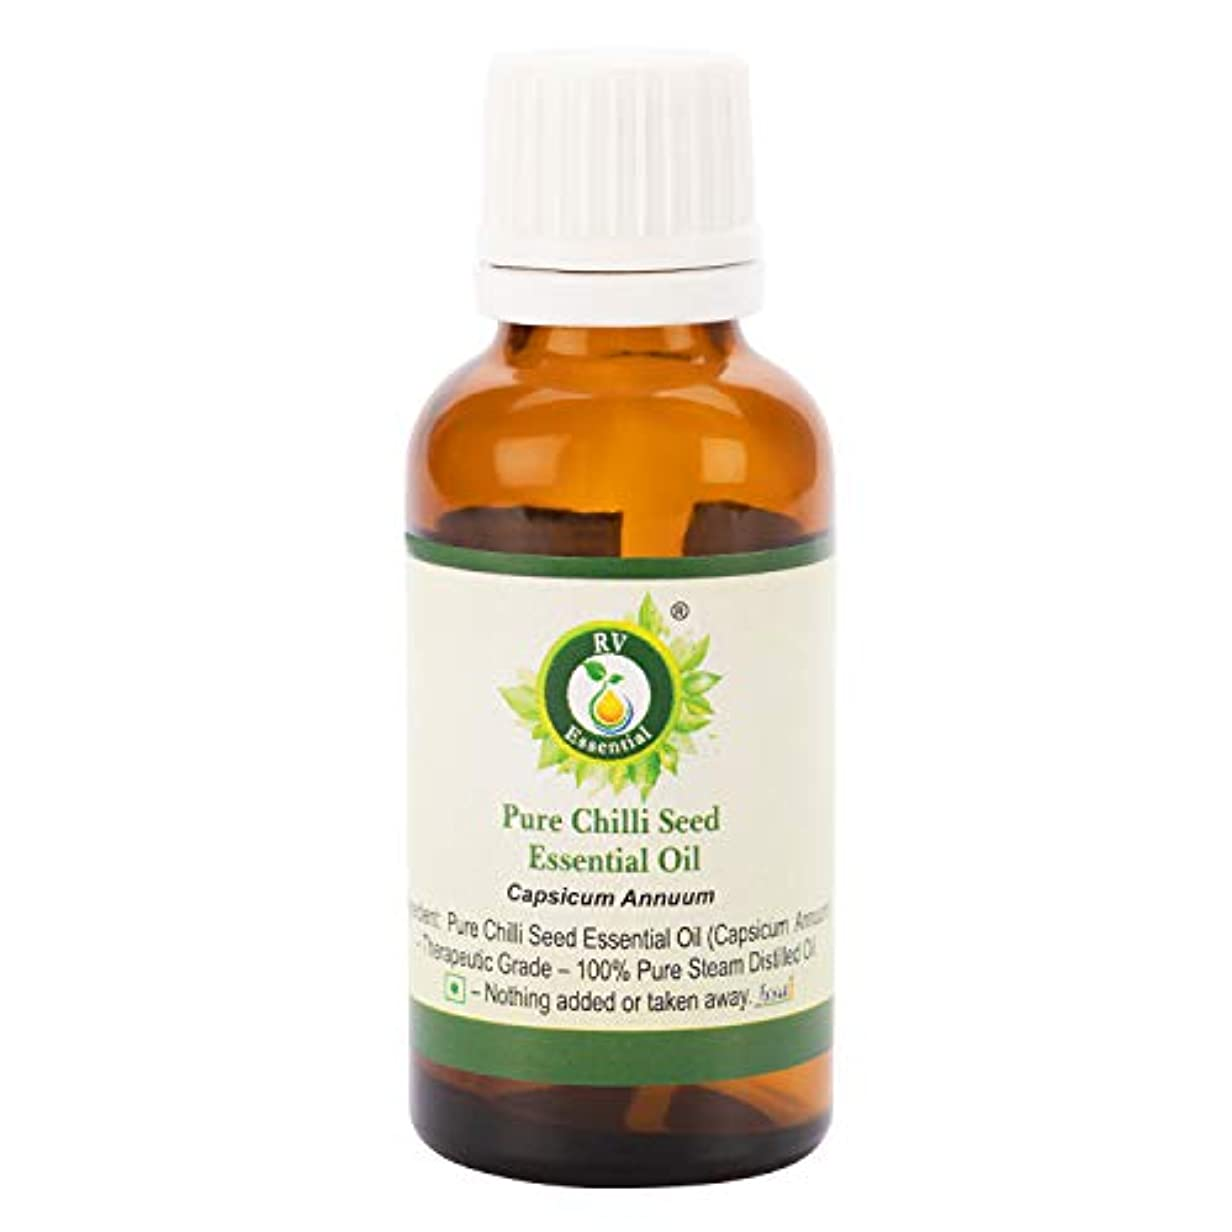 告白する強打倫理ピュアチリシードエッセンシャルオイル100ml (3.38oz)- Capsicum Annuum (100%純粋&天然スチームDistilled) Pure Chilli Seed Essential Oil